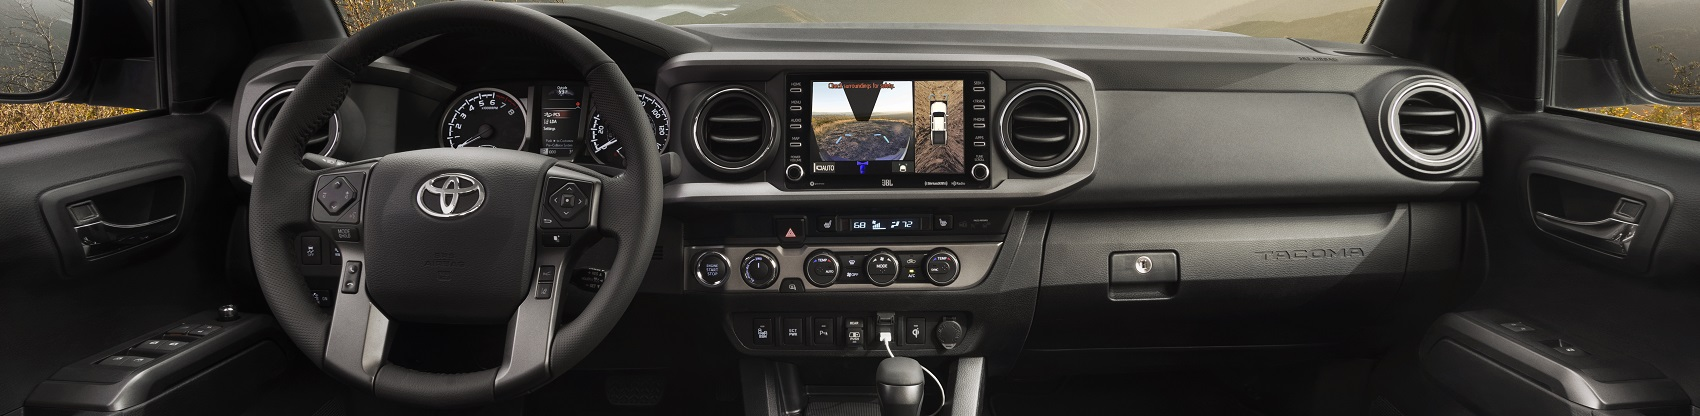 Toyota Tacoma Interior Technology